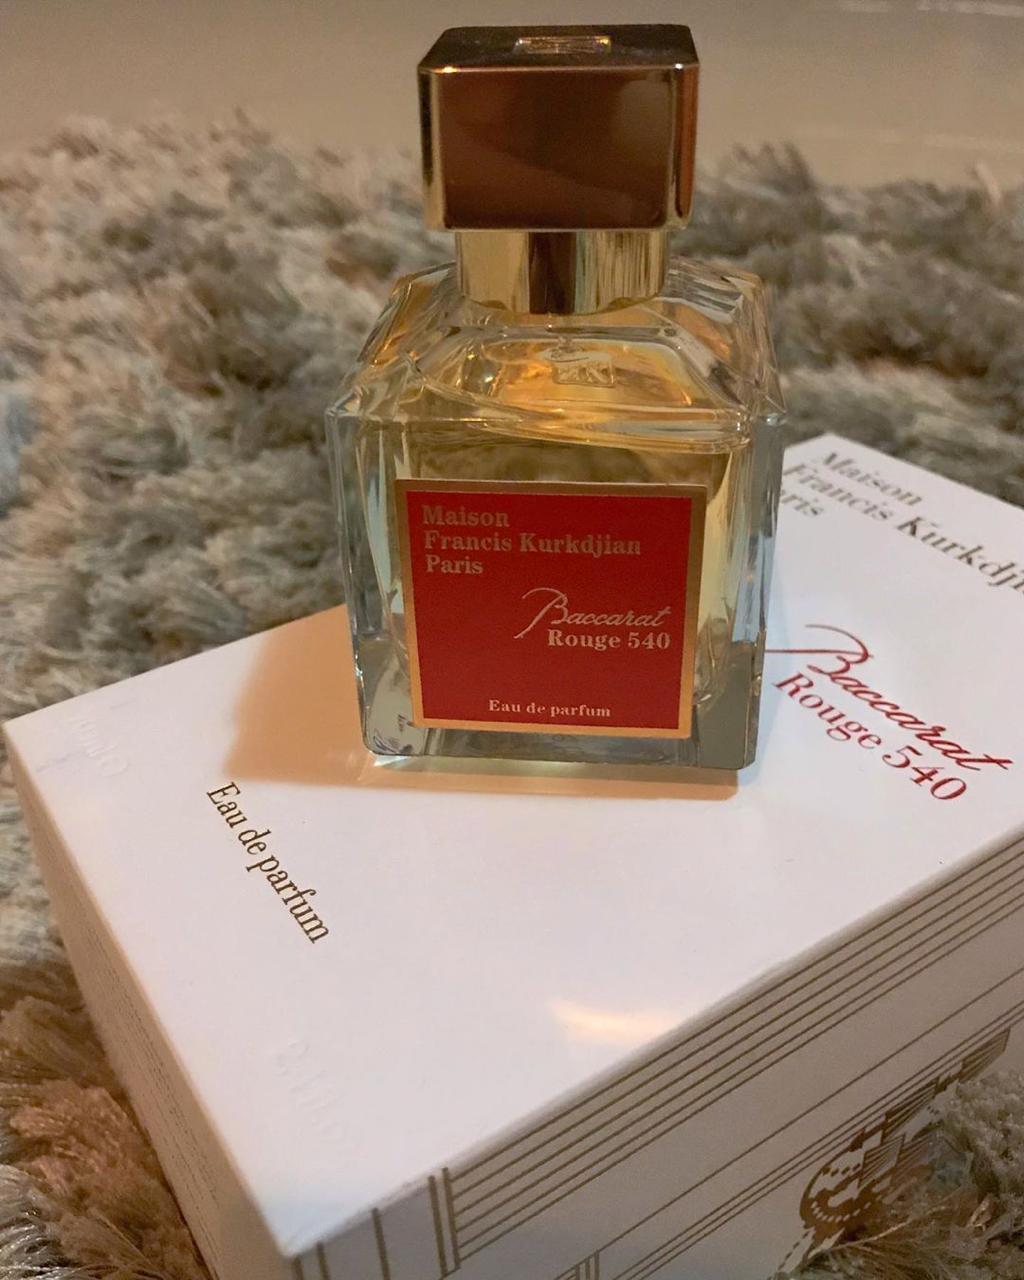 Bayar Di Tempat Baccarat Botol Ori 70 Ml Promo Parfum Wanita Terbaru Dan Terlaris Original Import Singapore Lazada Indonesia